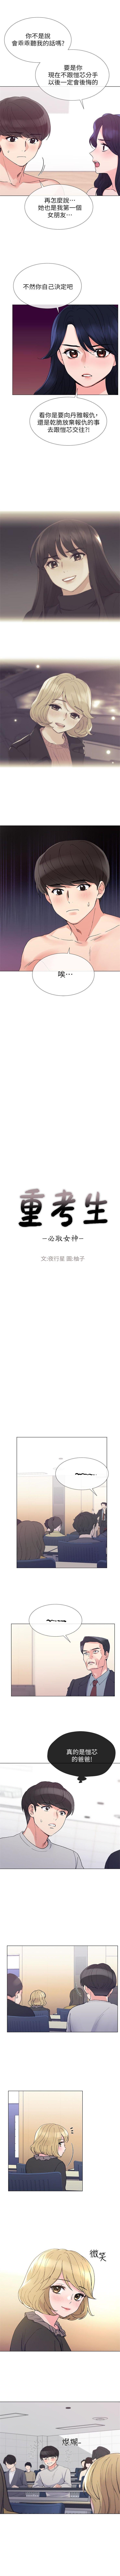 (週5)重考生 1-52 中文翻譯(更新中) 230